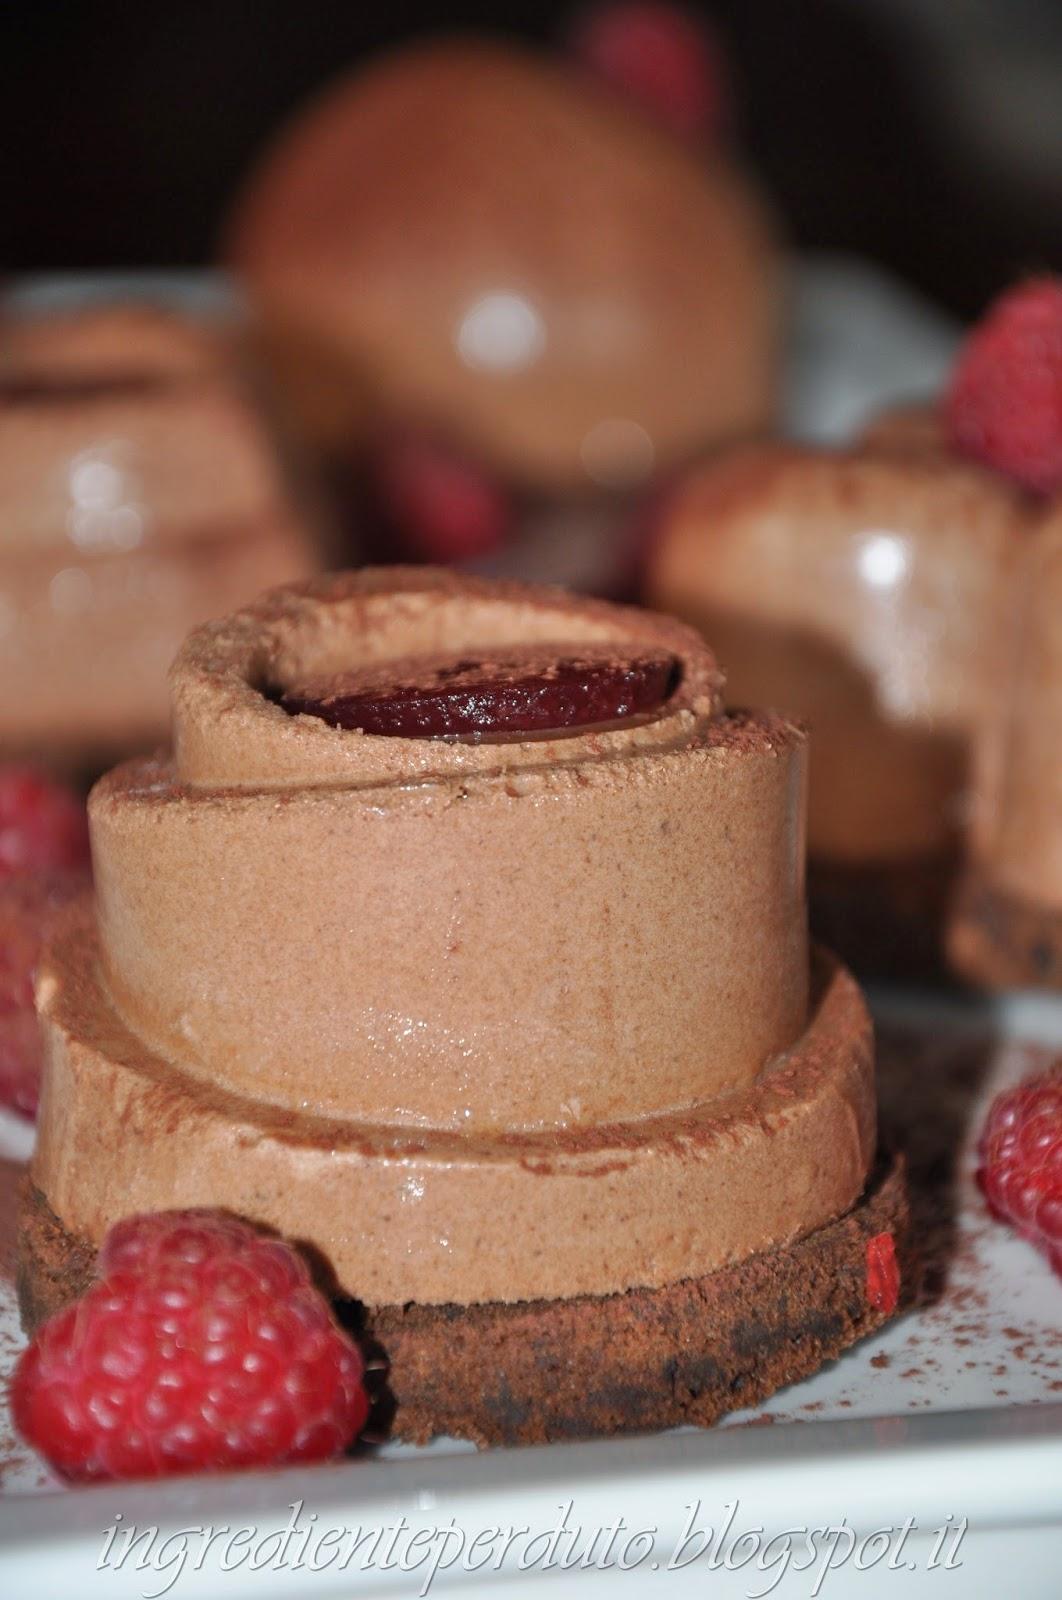 Mousse cioccolato zenzero e lampone-ingrediente perduto